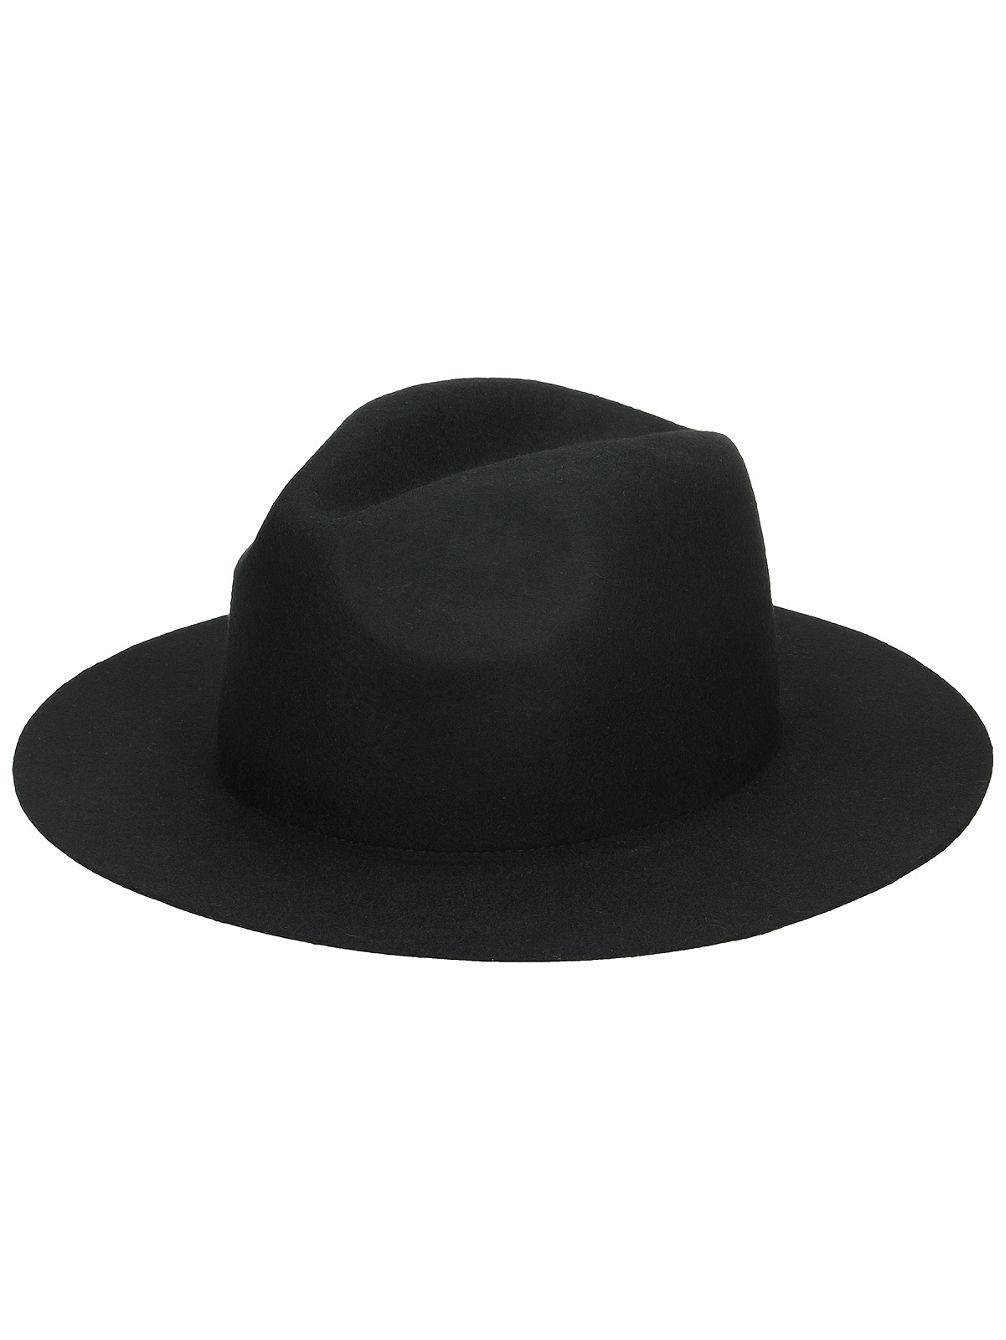 Buy Rhythm Pocket Hat online at blue-tomato.com 452241c6aba